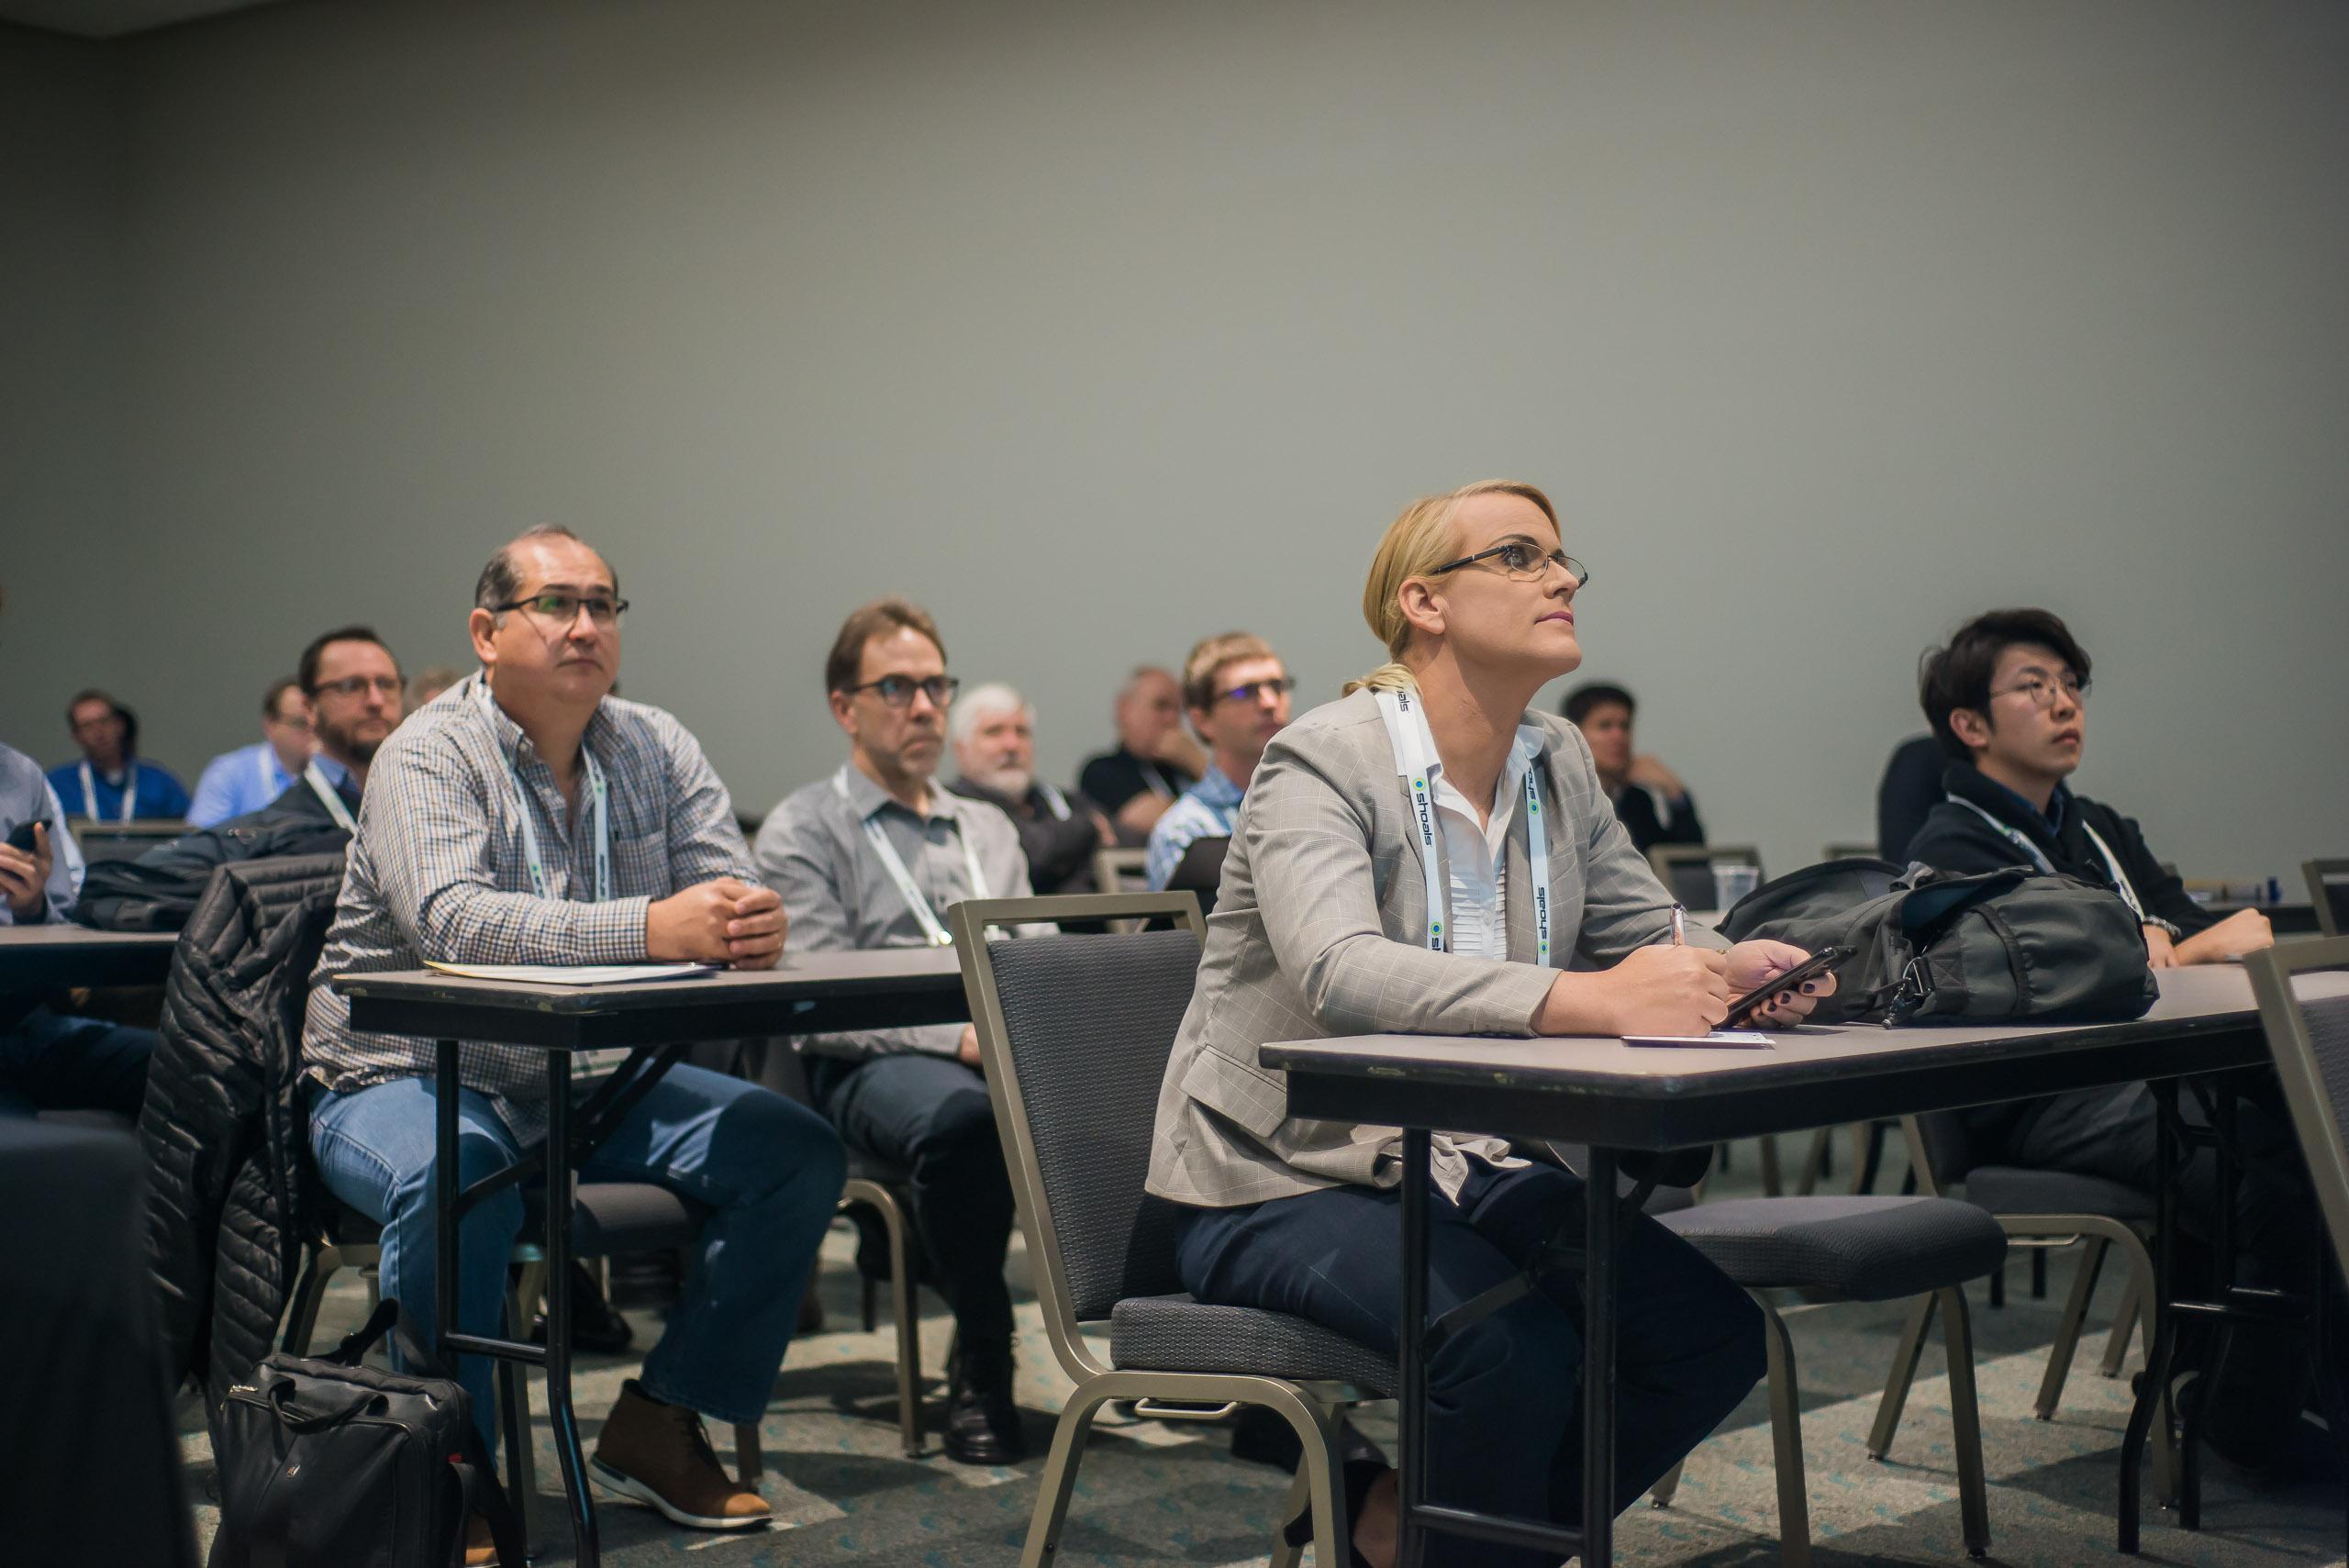 #isna2020 Workshops & Conference